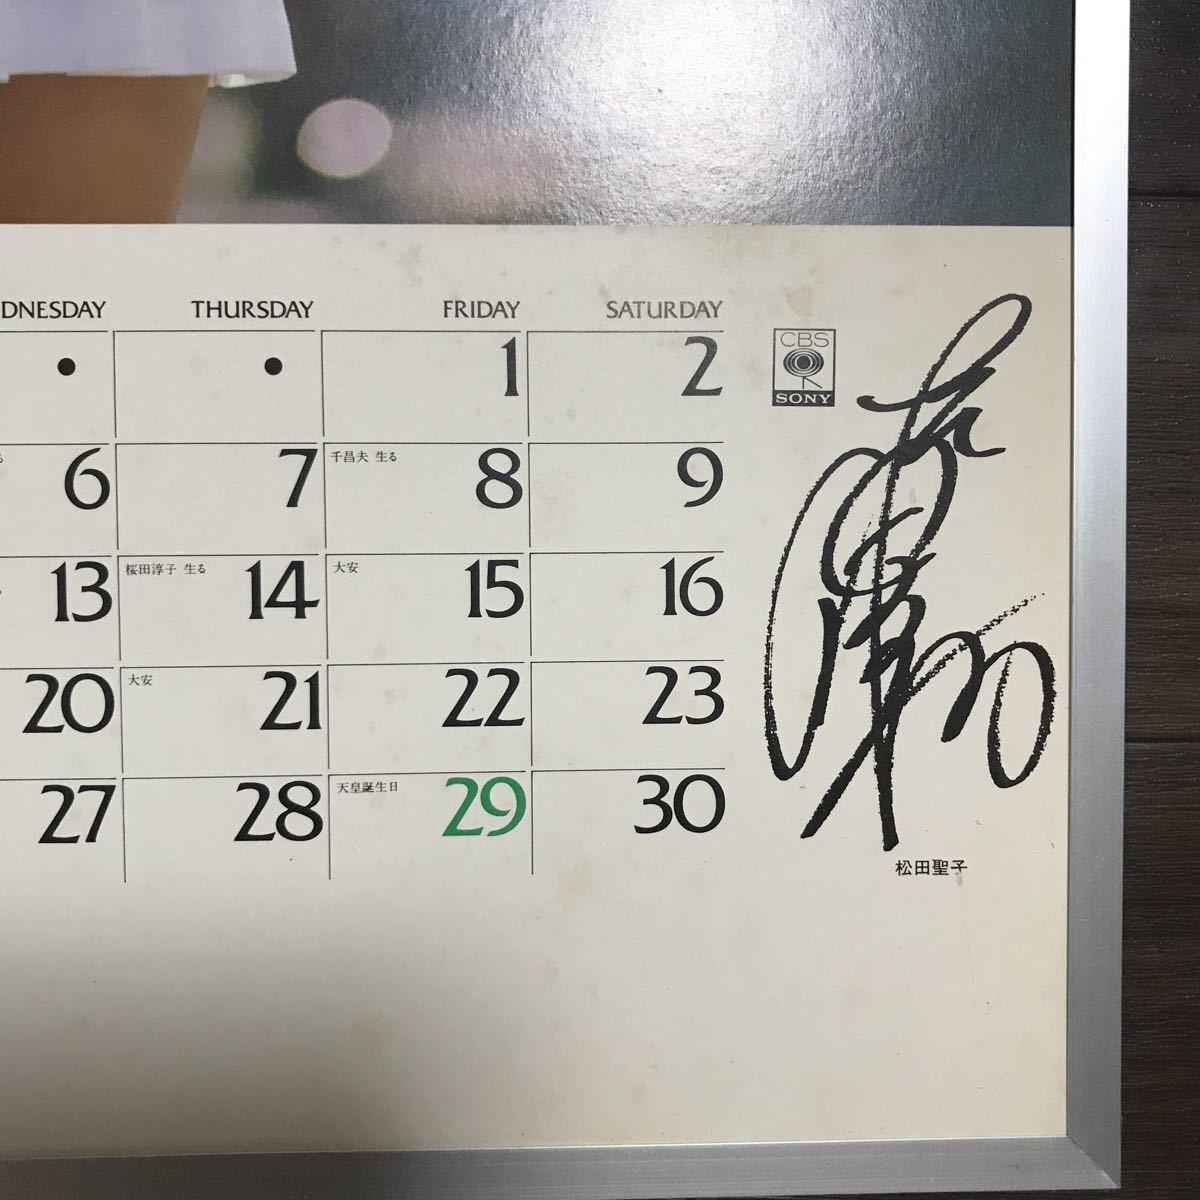 昭和 当時物 古いサイン人気歌手カレンダー篠山紀信ポスターパネル 吊り下げ式 額装 CBS SONY 松田聖子 サイズ52.3cm ×37cm程 店舗用品_画像3